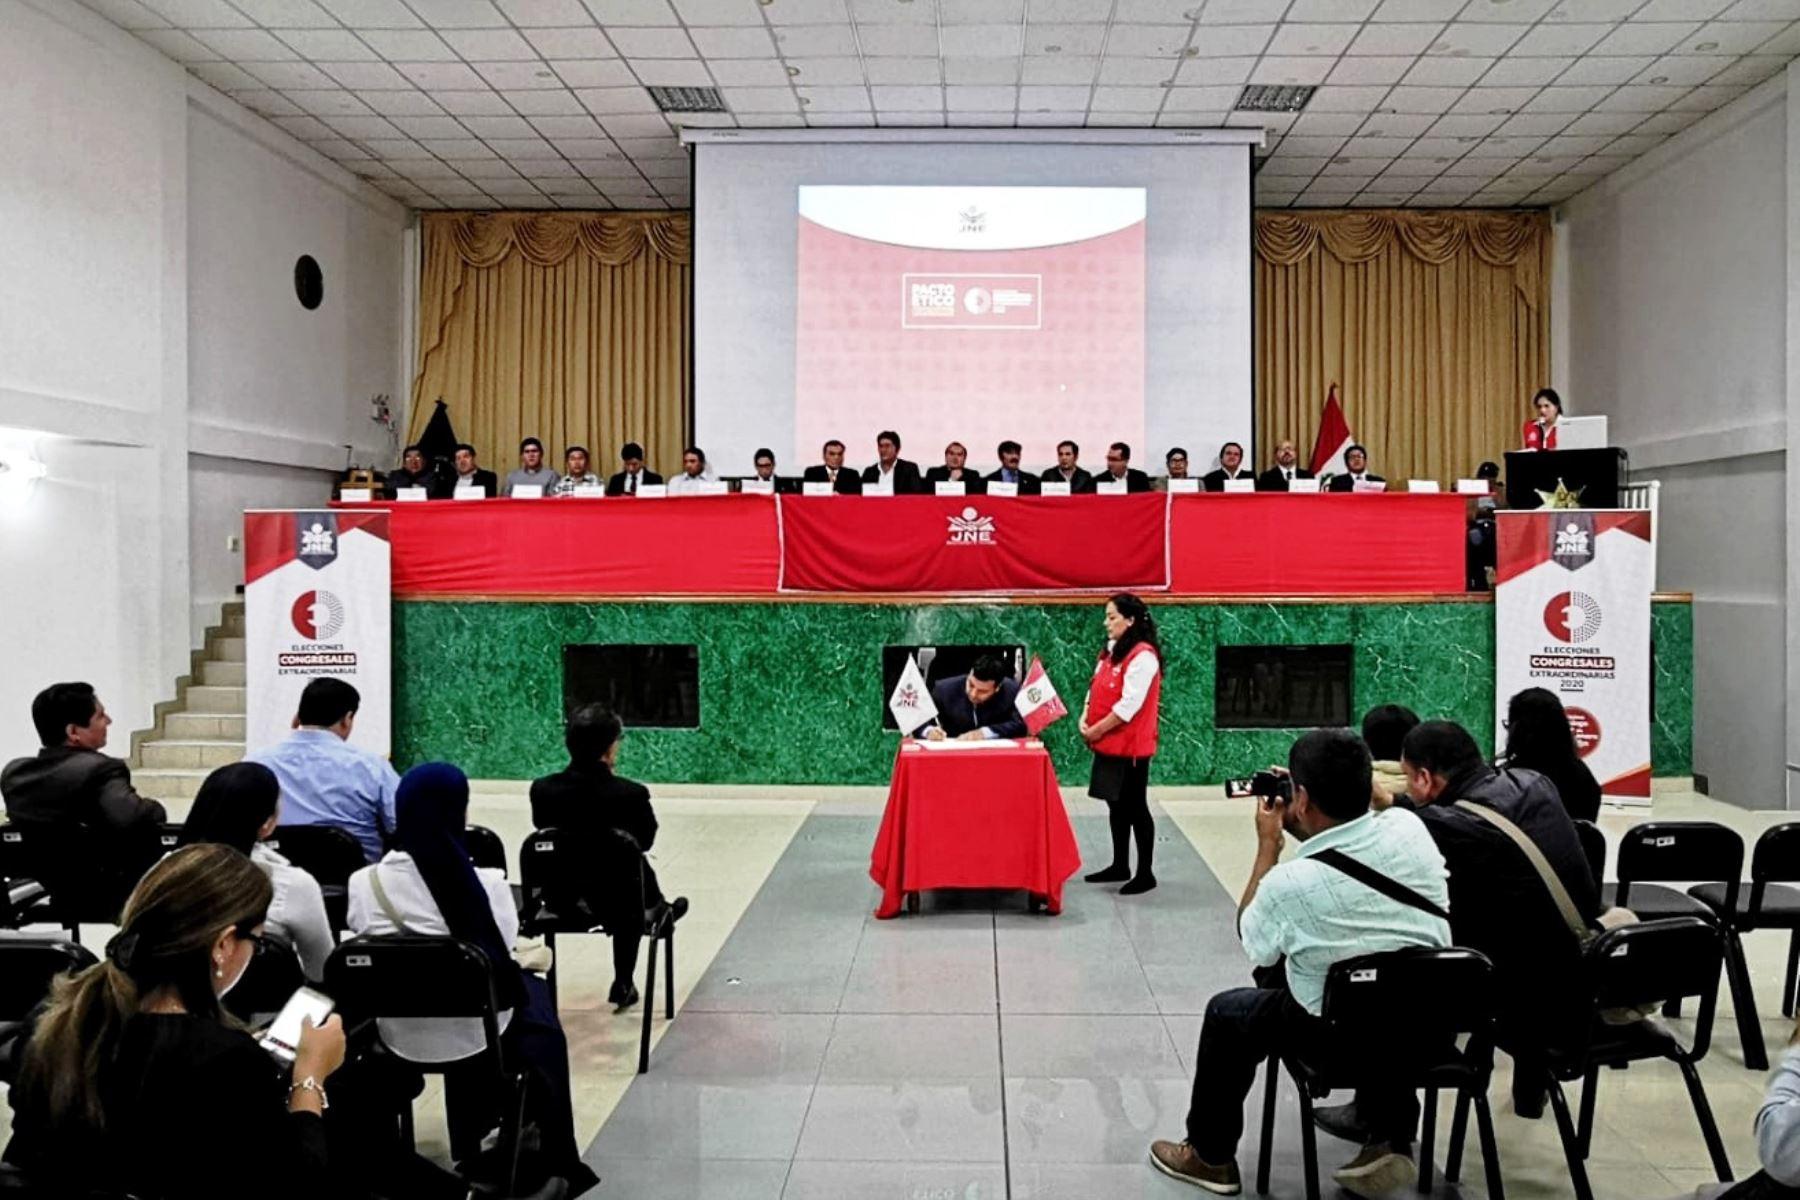 Organizaciones políticas de Cajamarca firman pacto ético electoral durante elecciones al Congreso 2020. Foto: Eduard Lozano